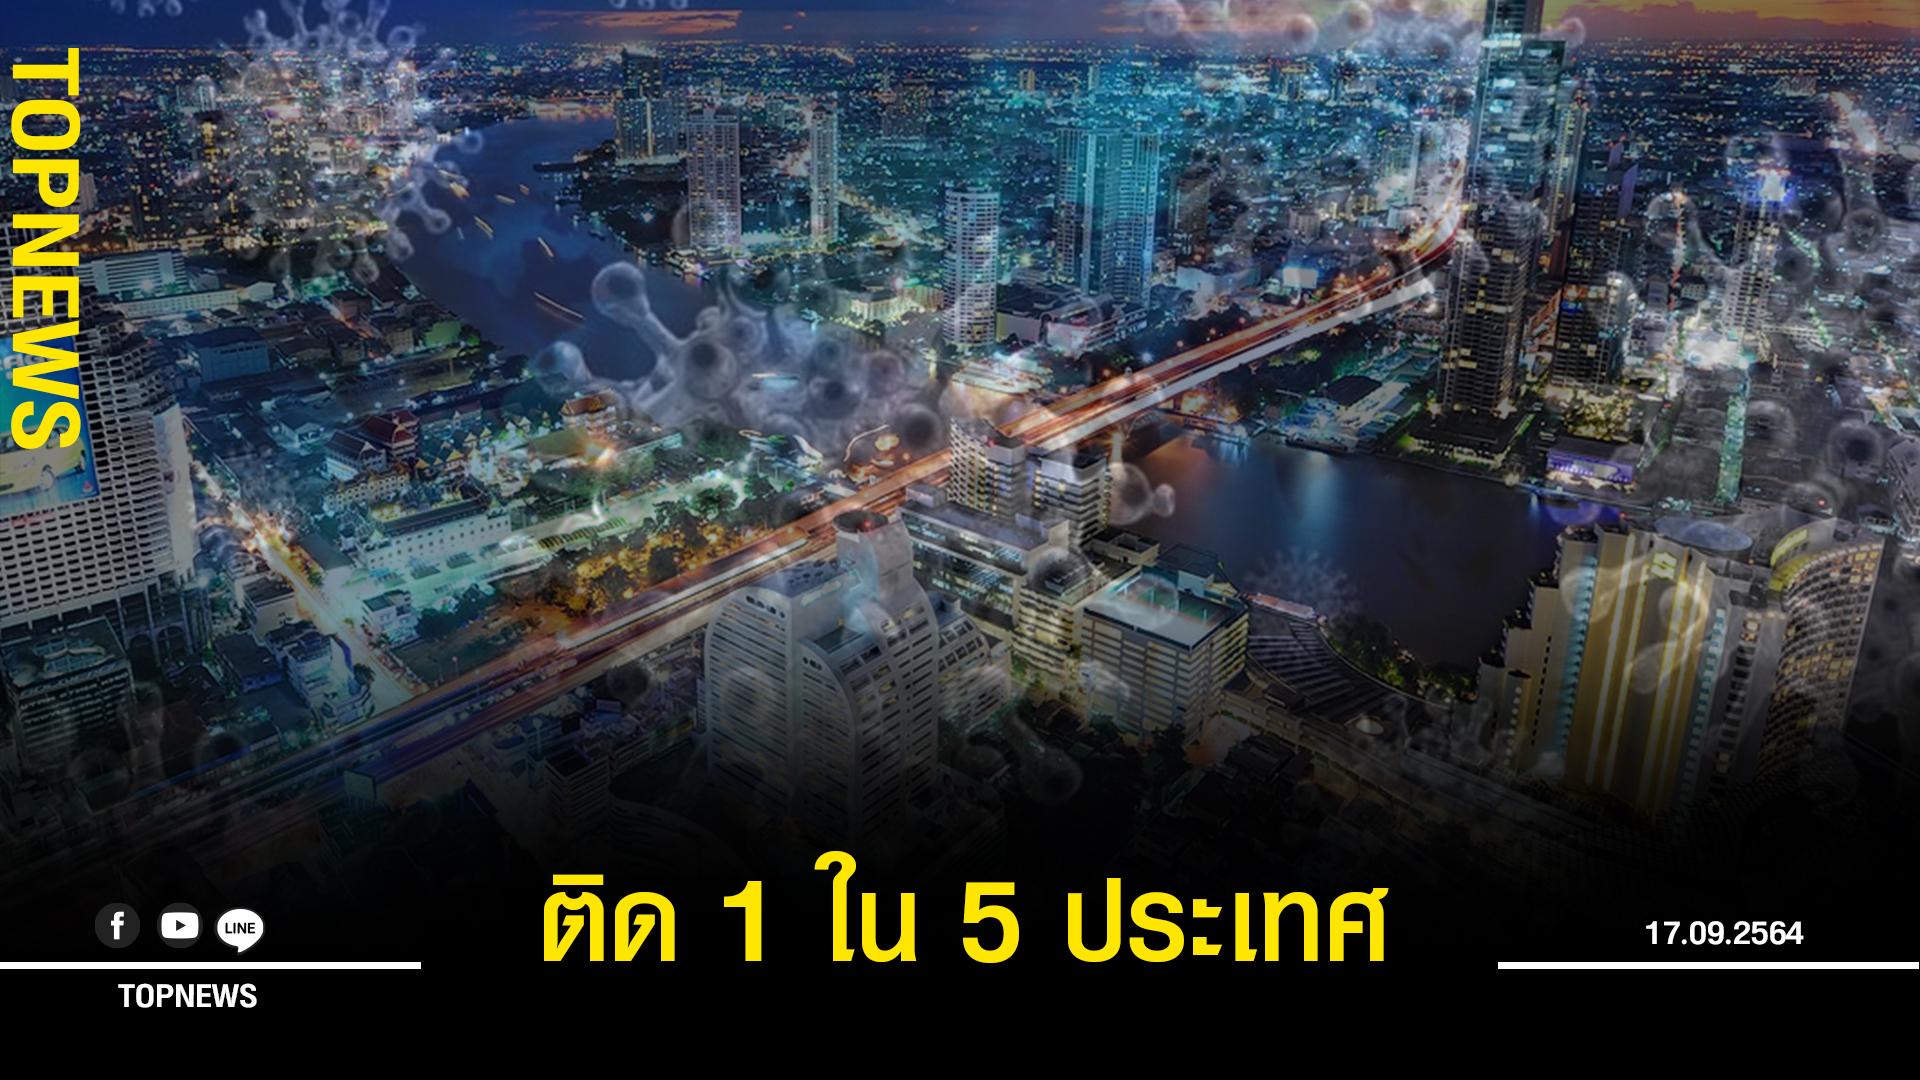 CNN ให้ไทยติด 1 ใน 5 ประเทศ ใช้นโยบายอยู่ร่วมกับโควิด